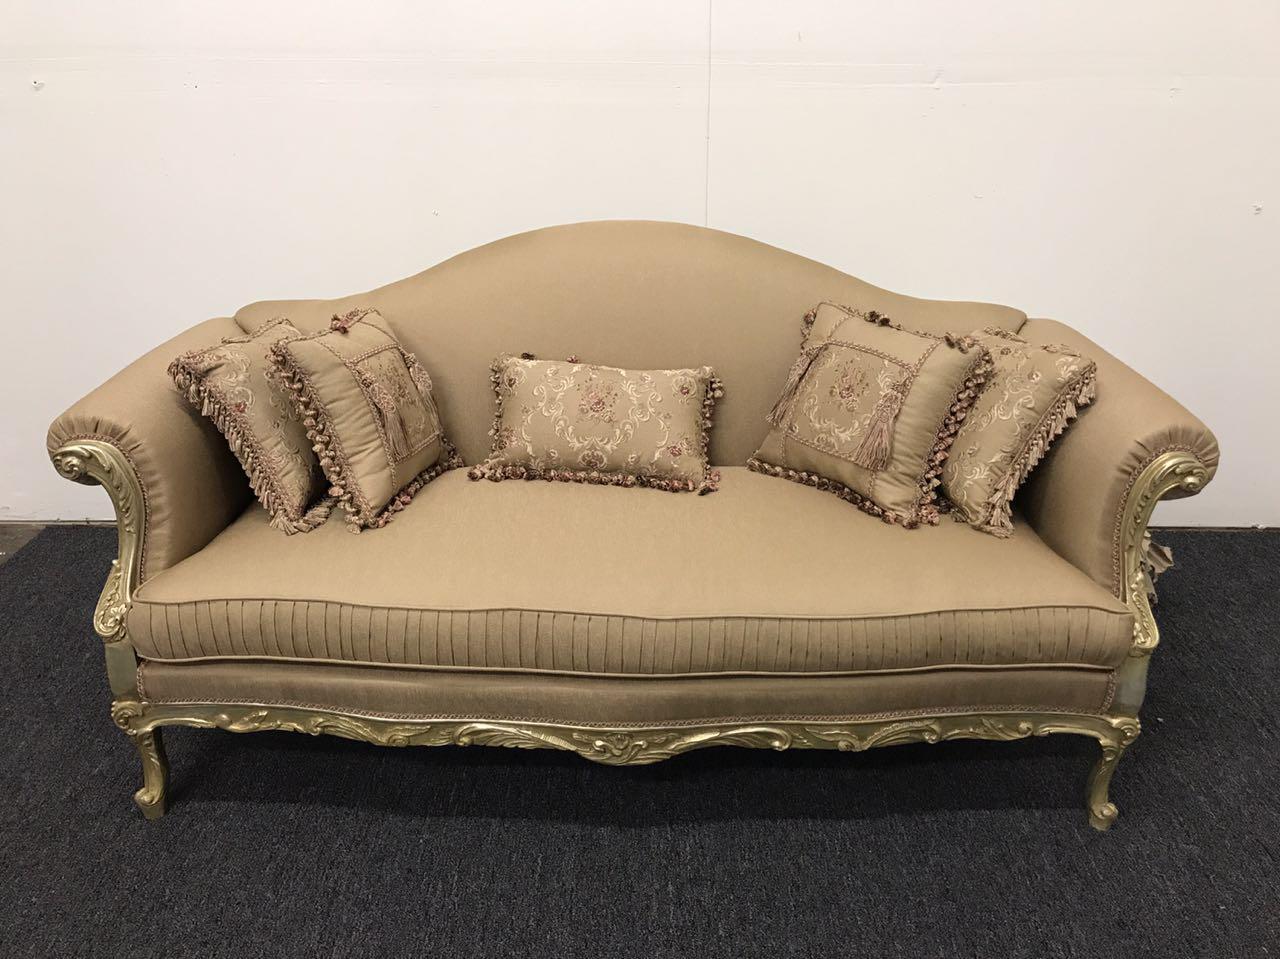 Authentic Handmade French Style Sofa Chairish